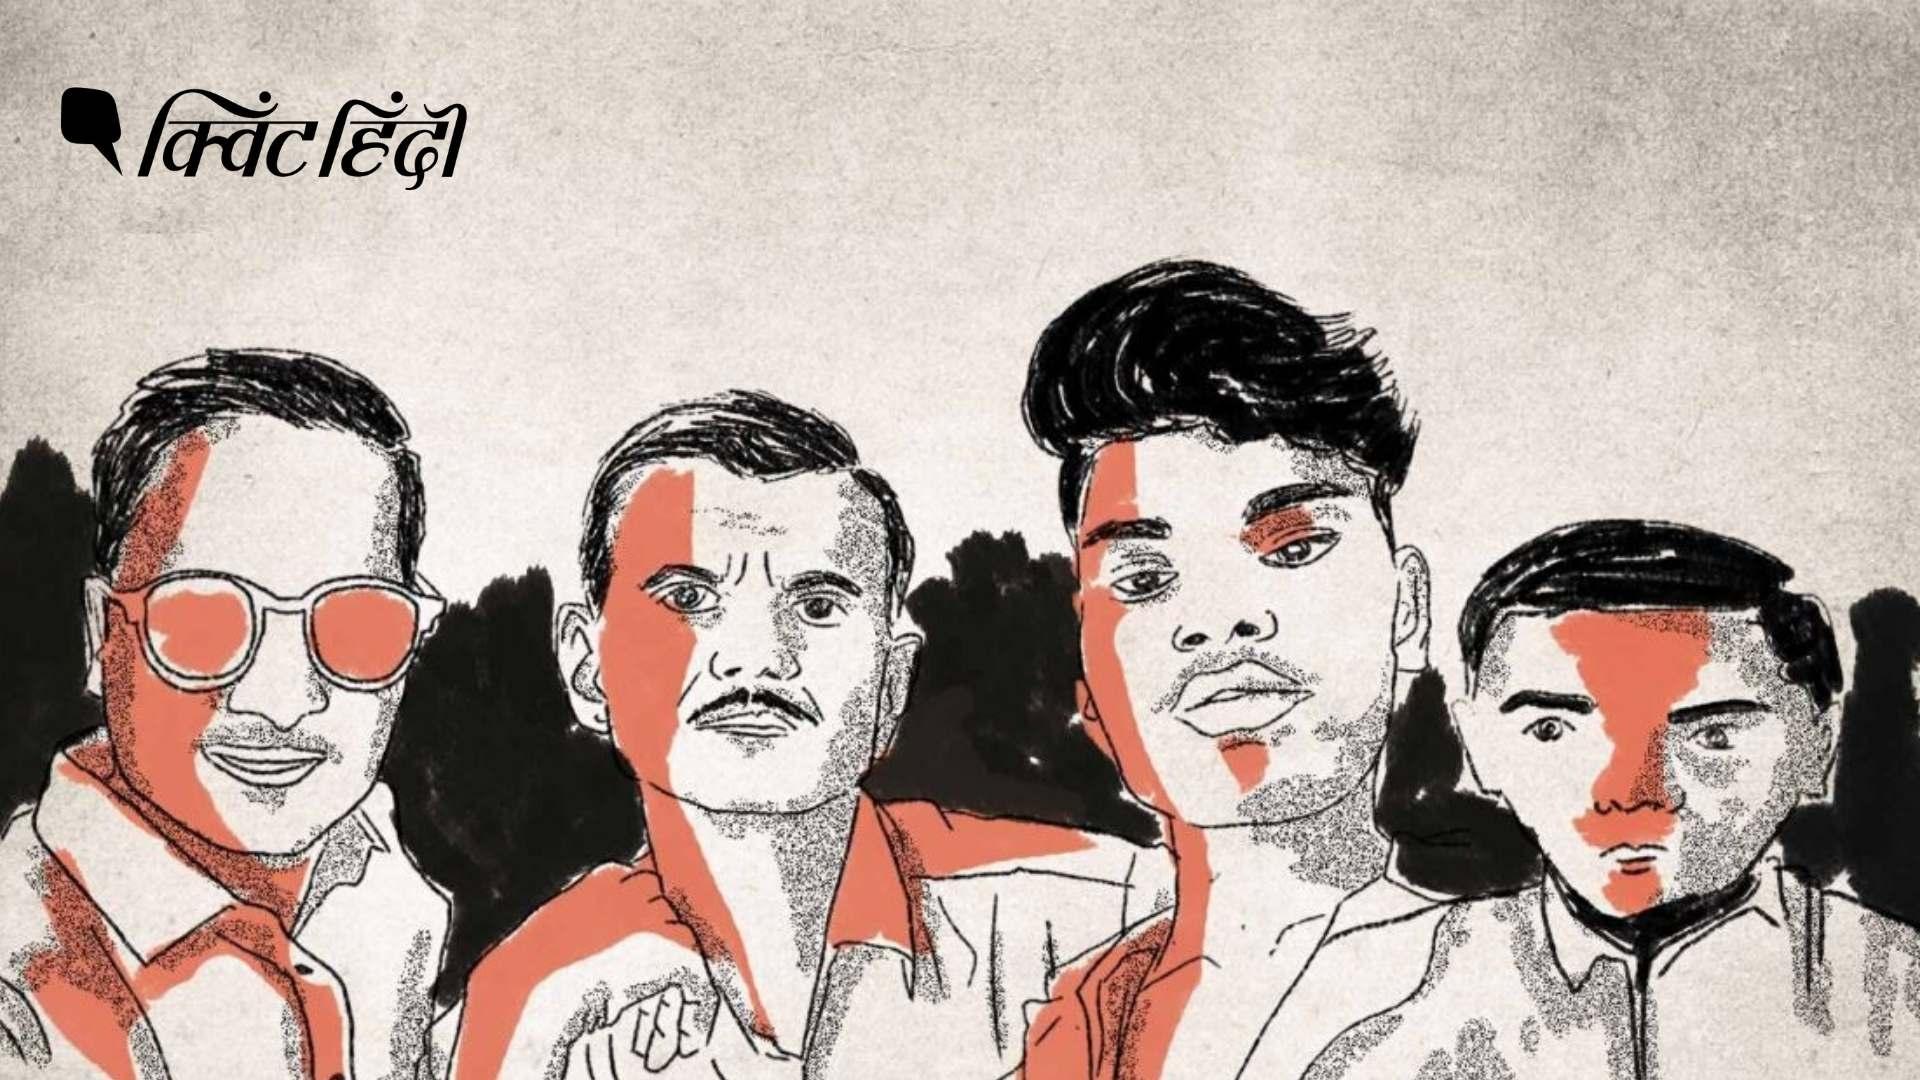 मुंबई से राजस्थान आ रहे 4 मजदूरों की मौत: अभी तक नहीं मिला मुआवजा